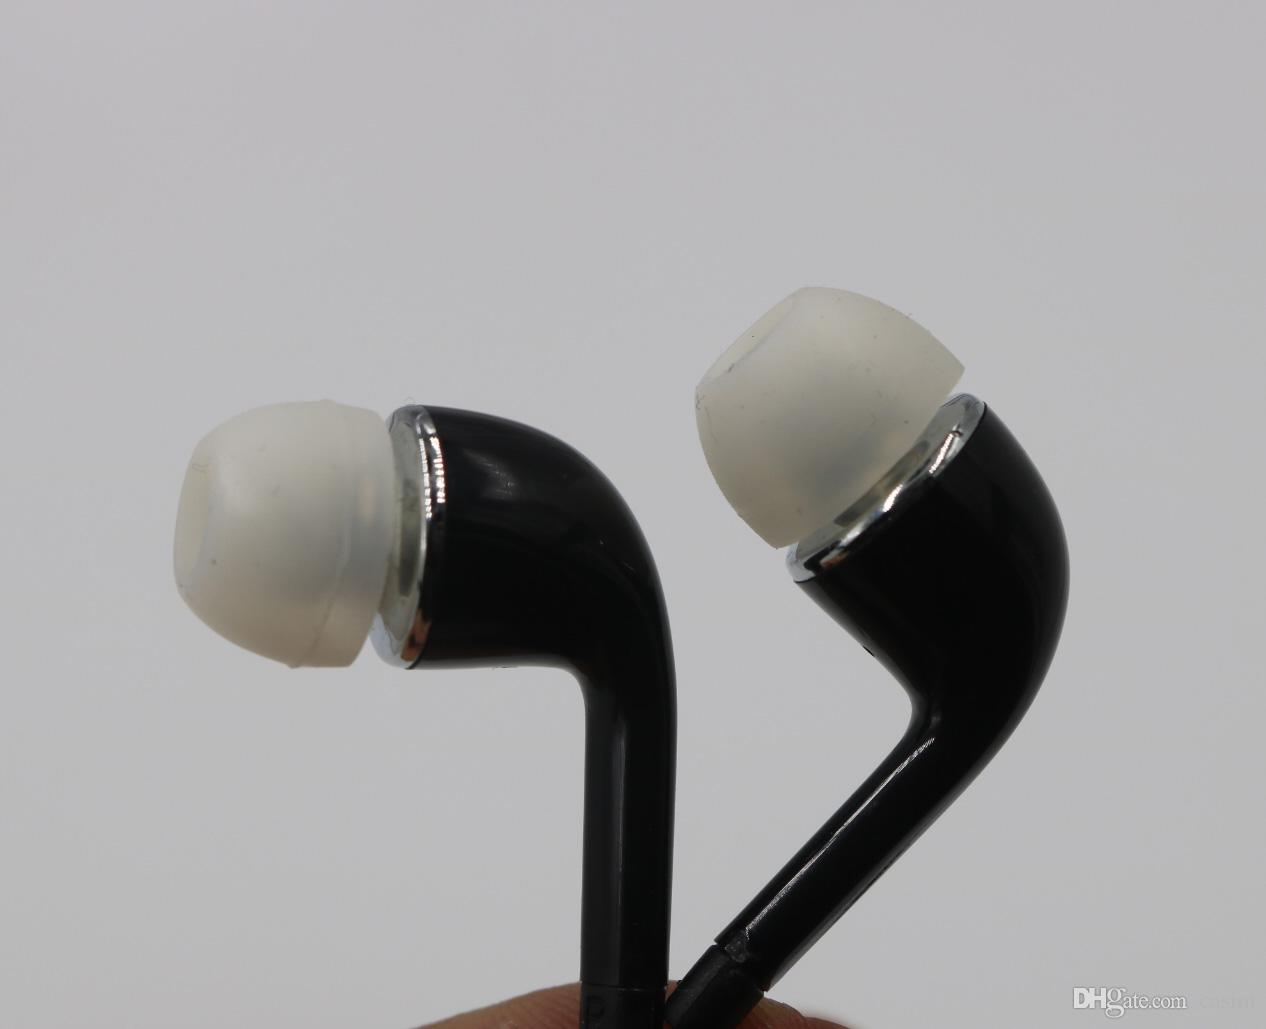 Note4 Note3 Samsung Galaxy s3 s4 s5 s6 kenarı için 3.5mm Kulak İçi Kulaklıklar Kulaklık Kulaklık